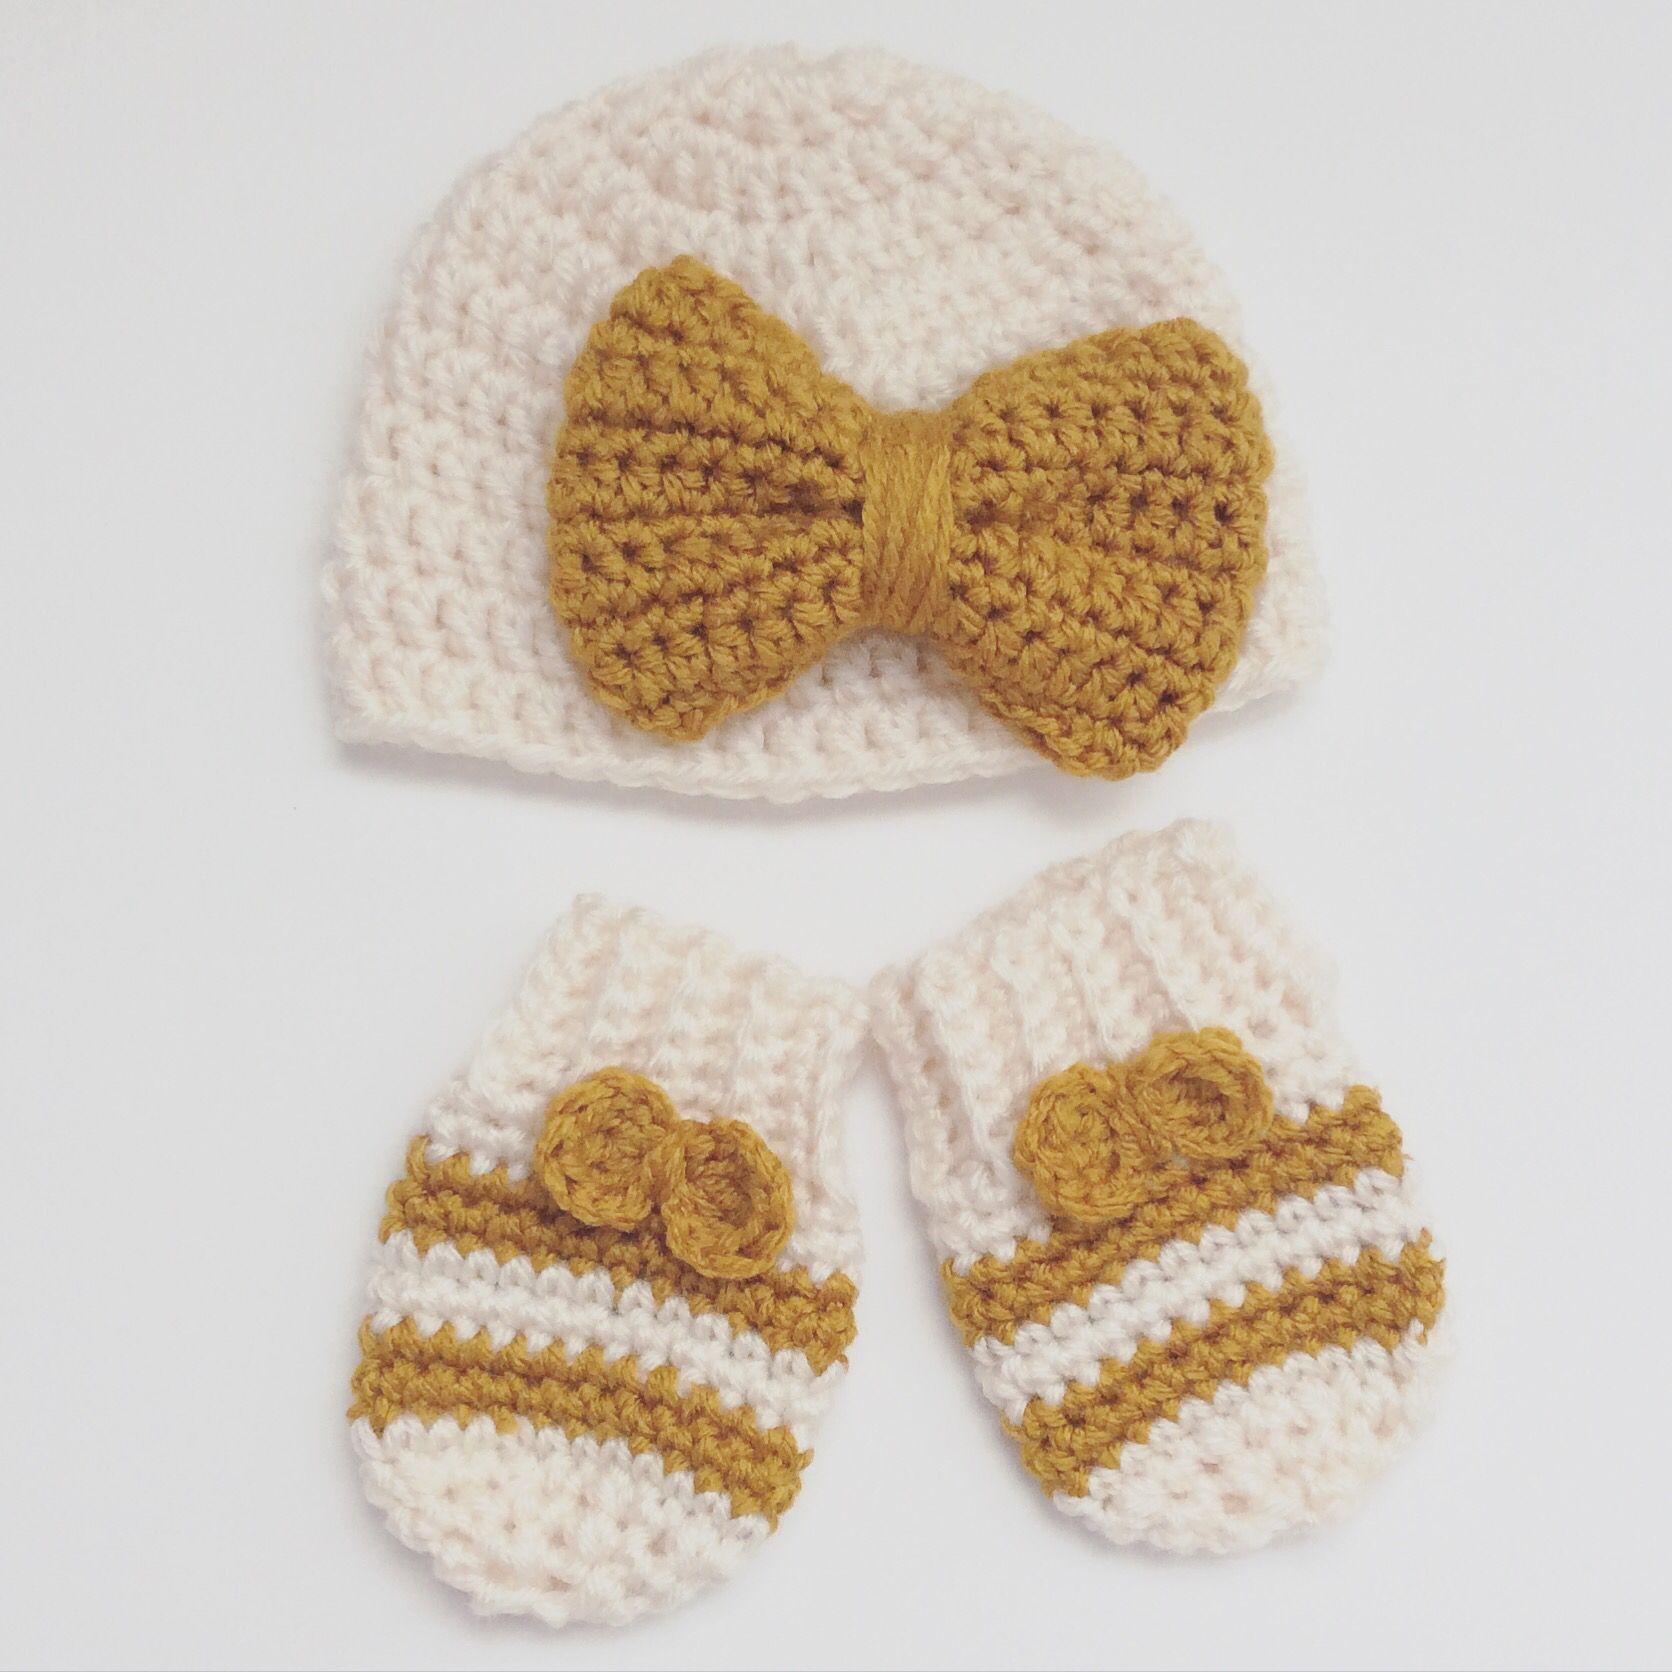 Crochet Bow Hat & Mittens. Etsy shop: Dior Lauryn